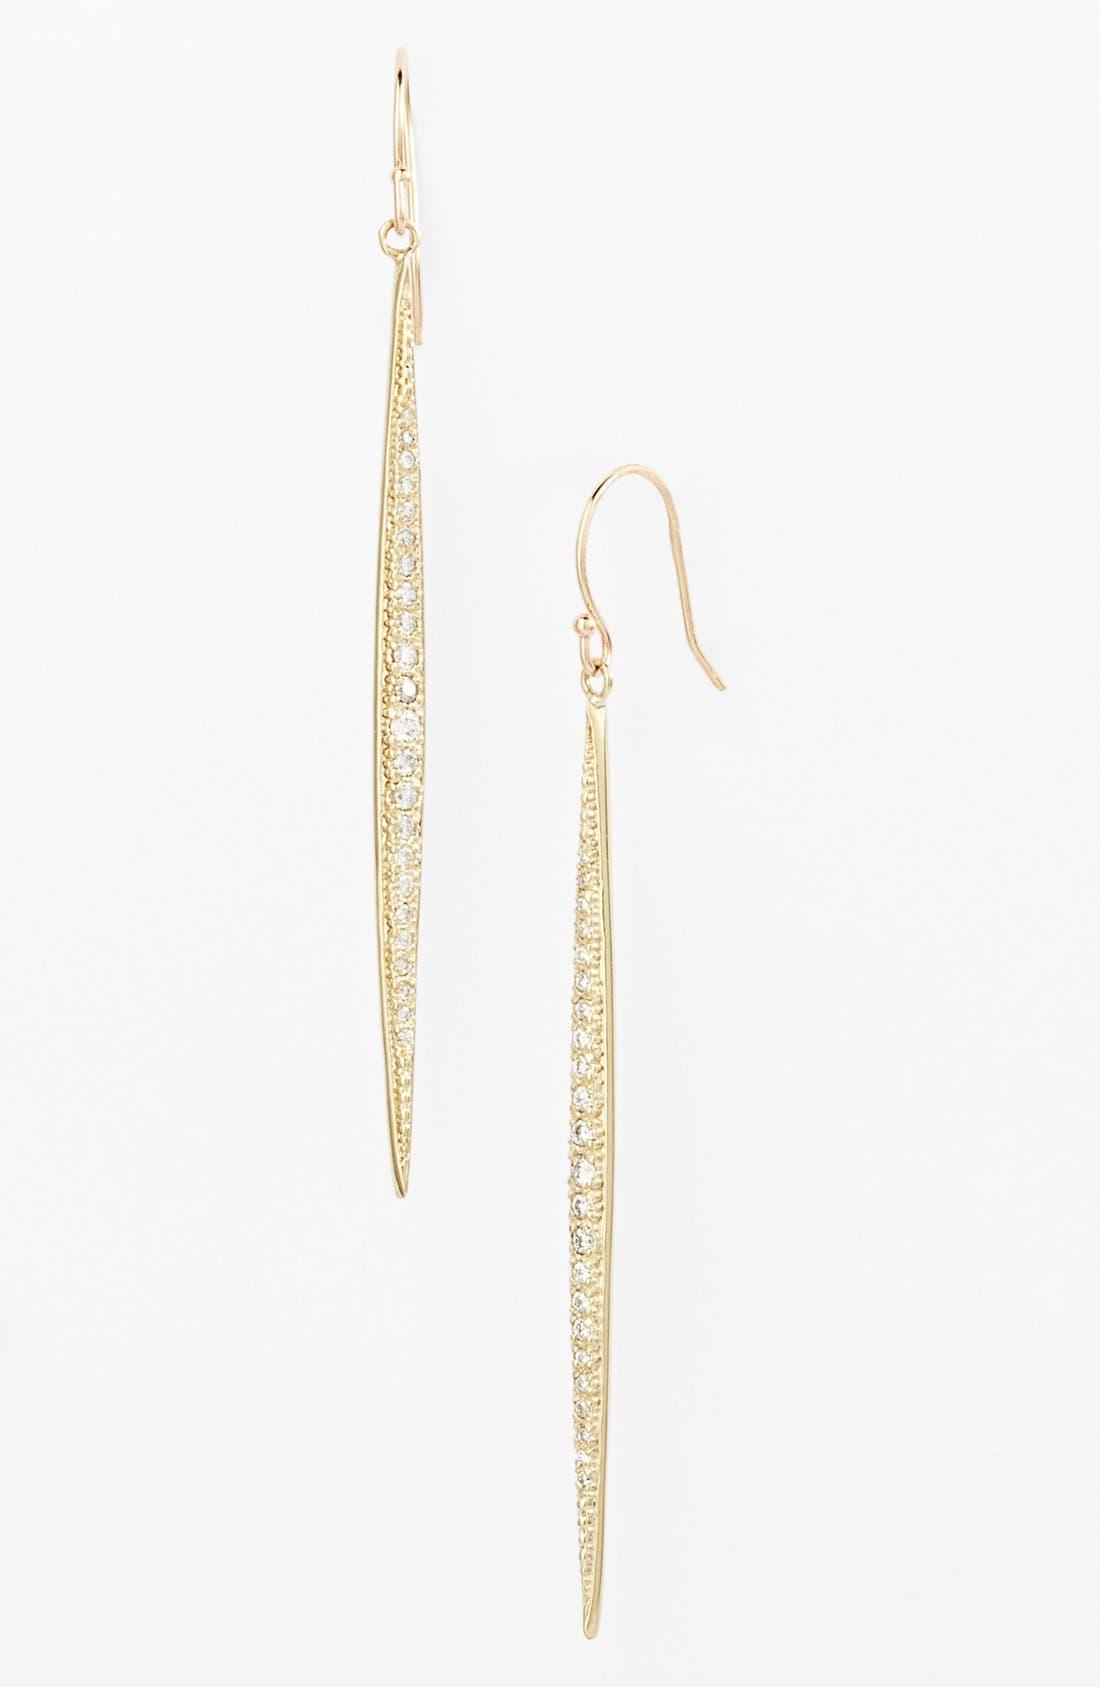 Alternate Image 1 Selected - Mizuki 'Icicles' Pavé Diamond Linear Earrings